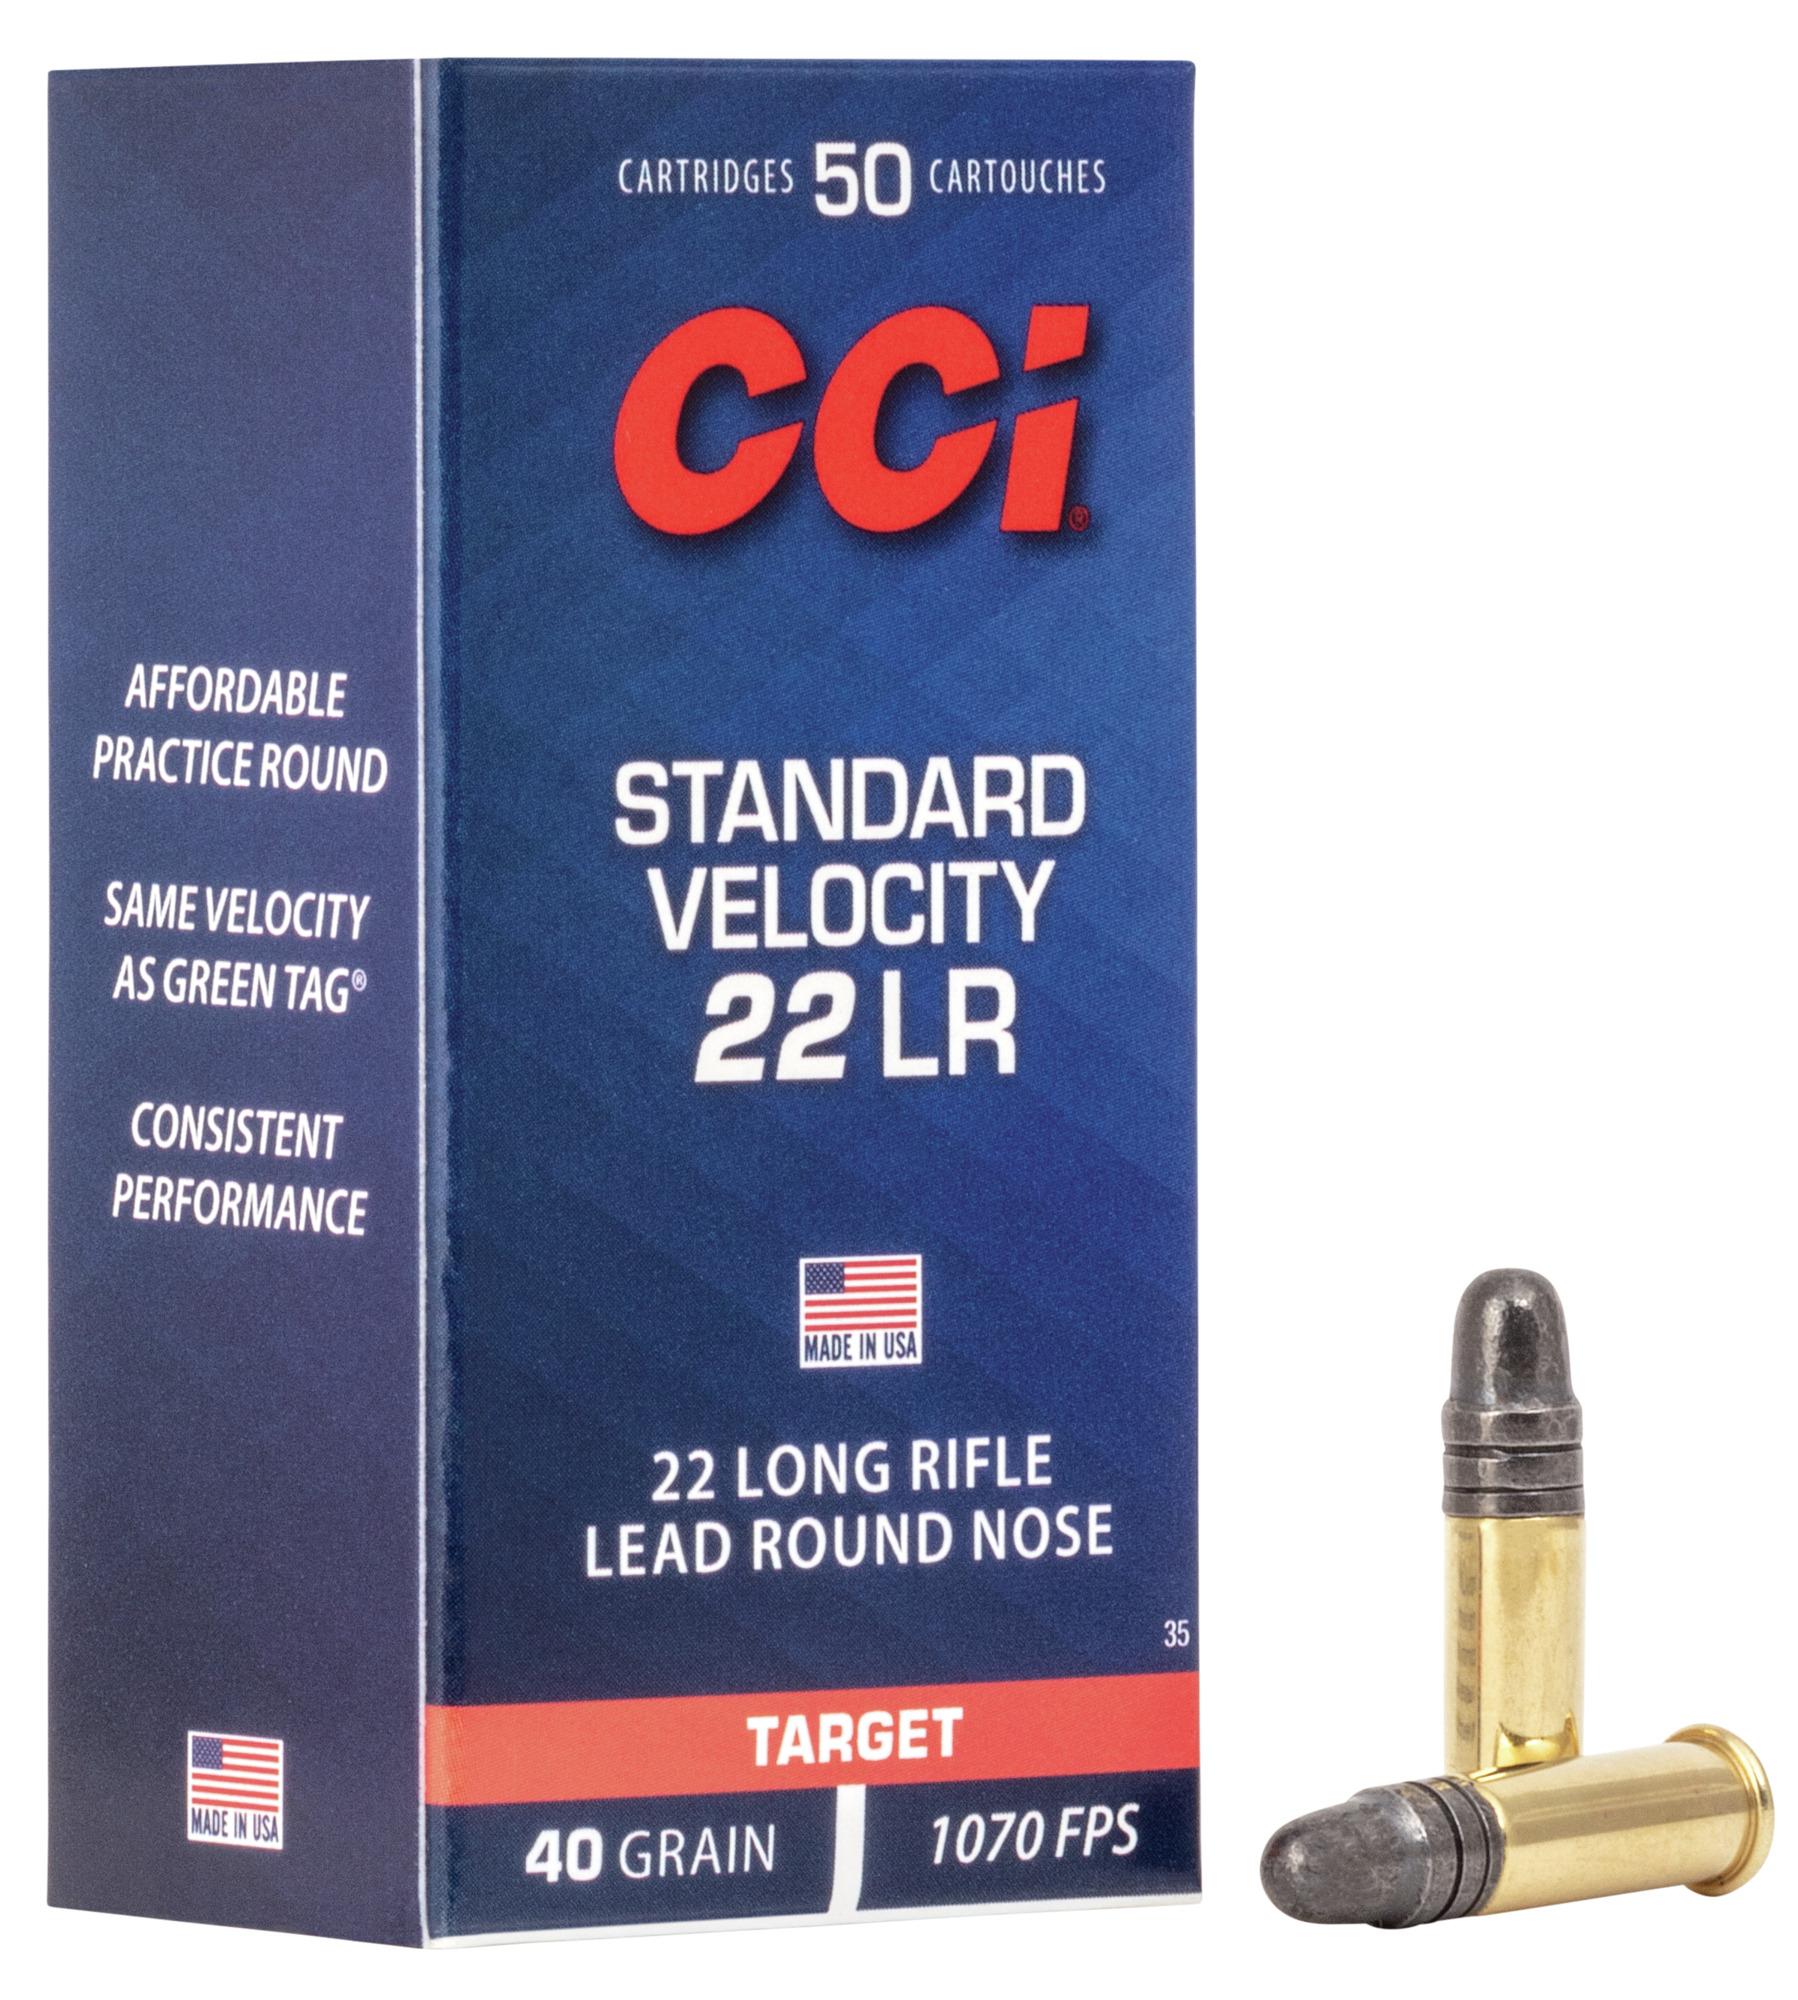 www.cci-ammunition.com